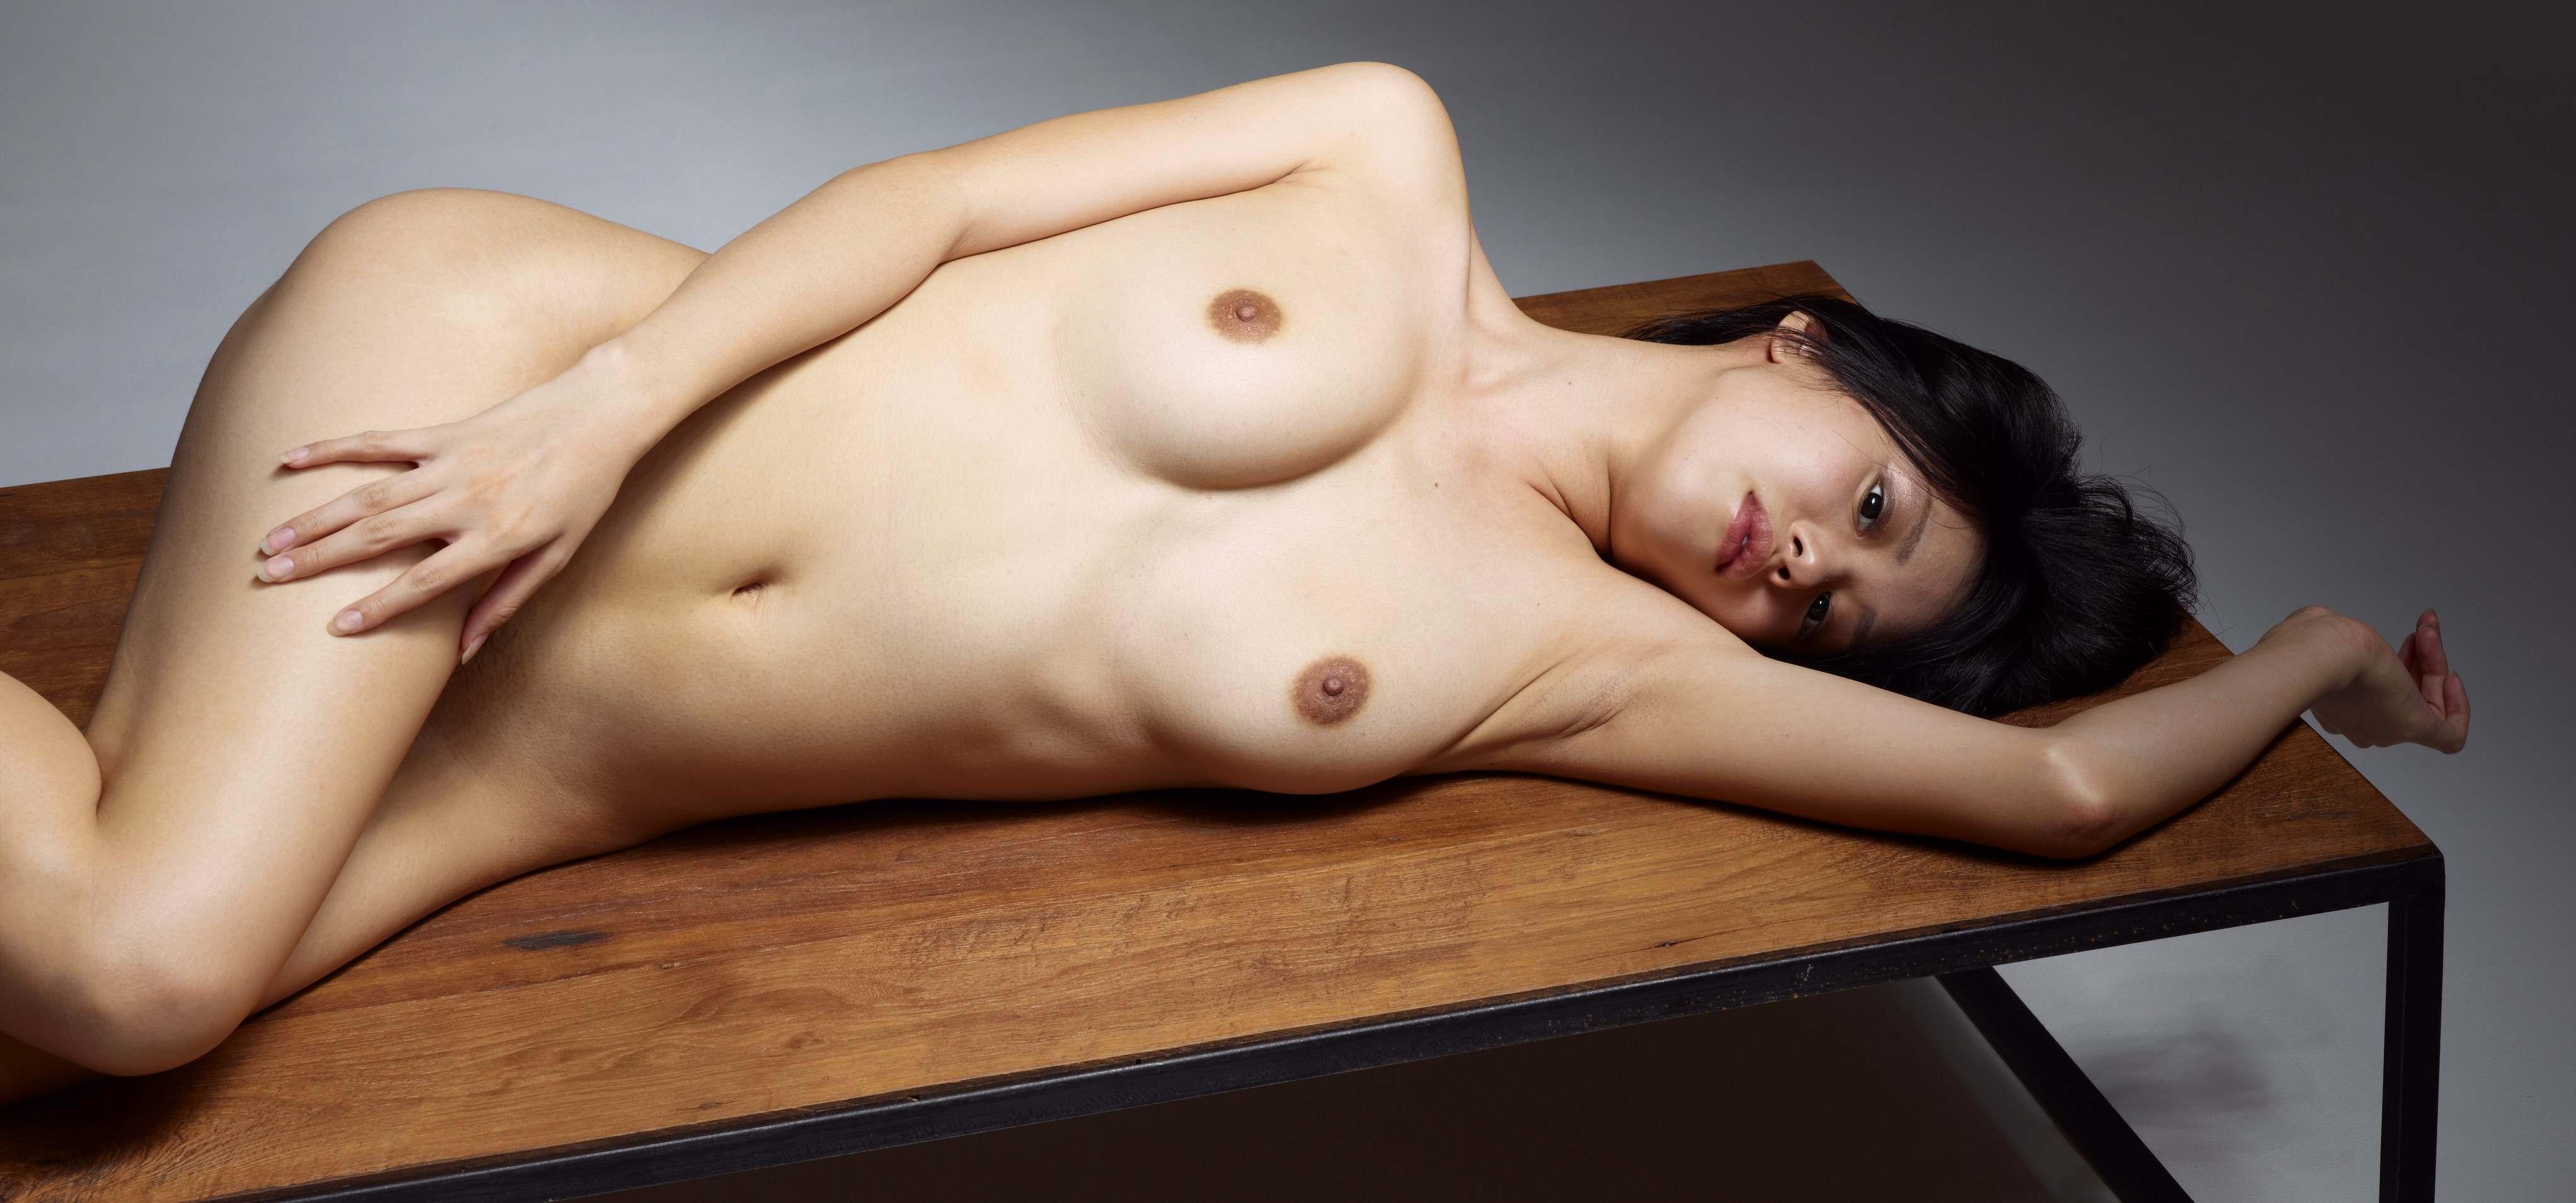 【女体エロ画像】細くても丸くても…綺麗なヘソも見逃せない美裸体www 14